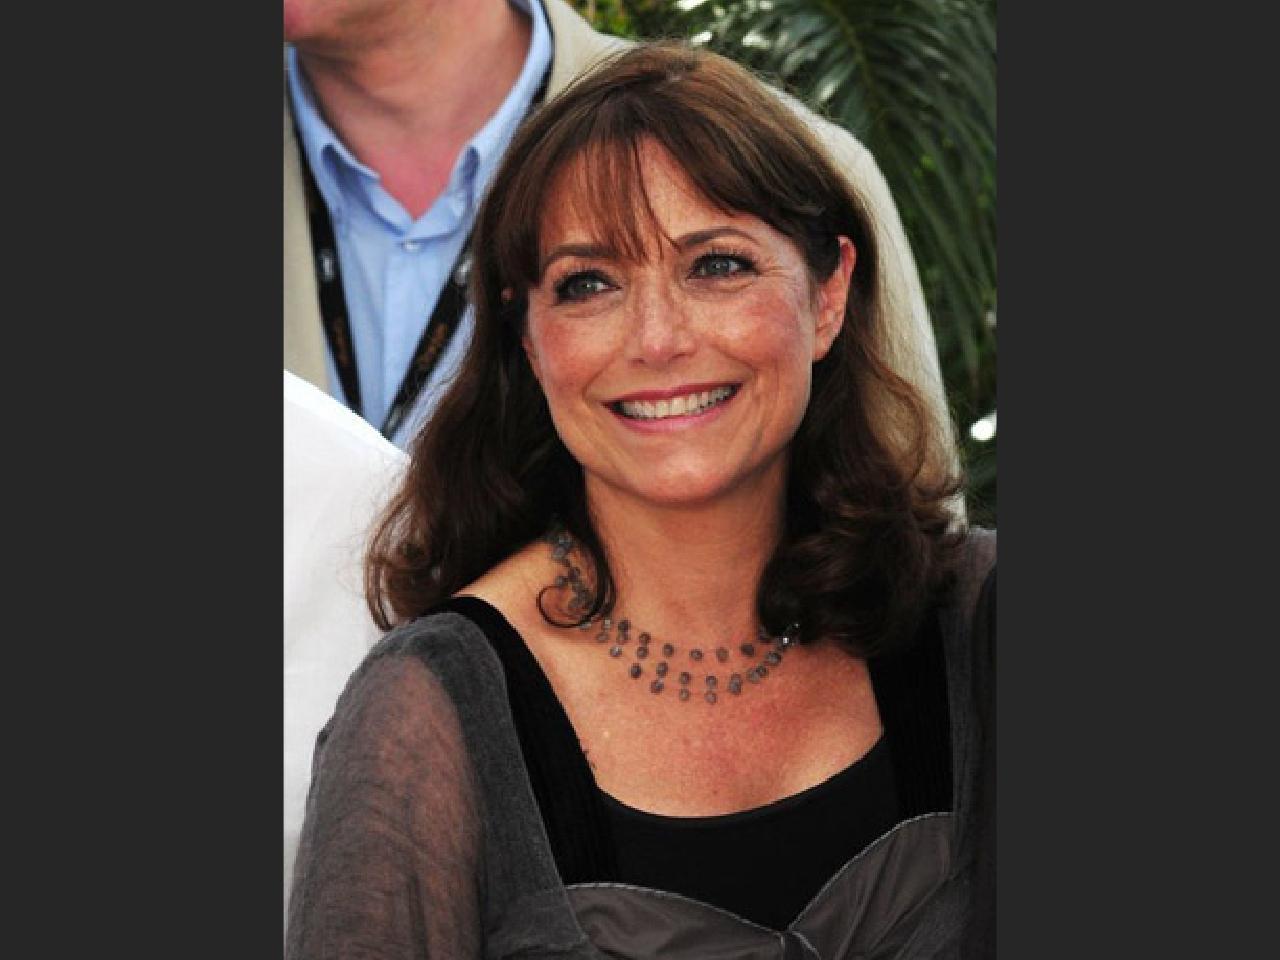 Karen Allen, actress